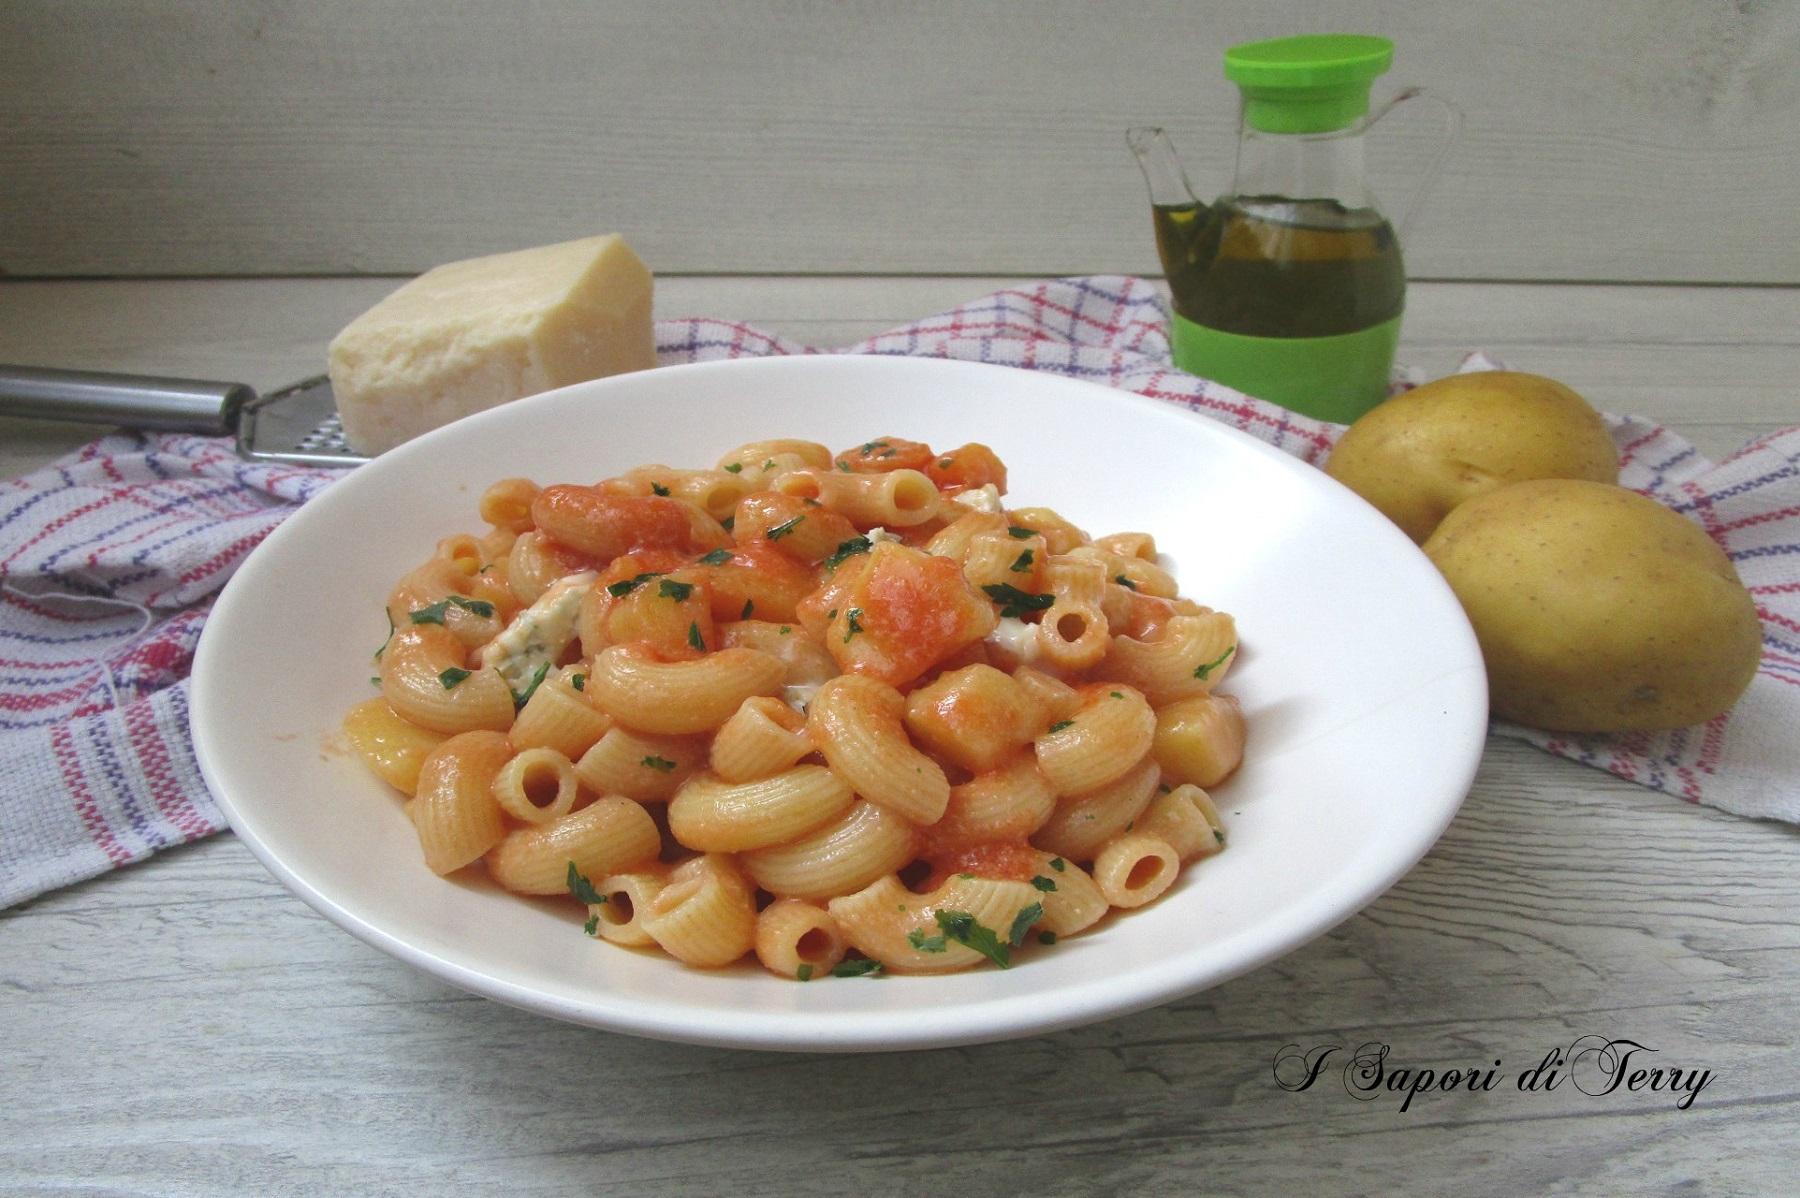 Pasta con gorgonzola e patate